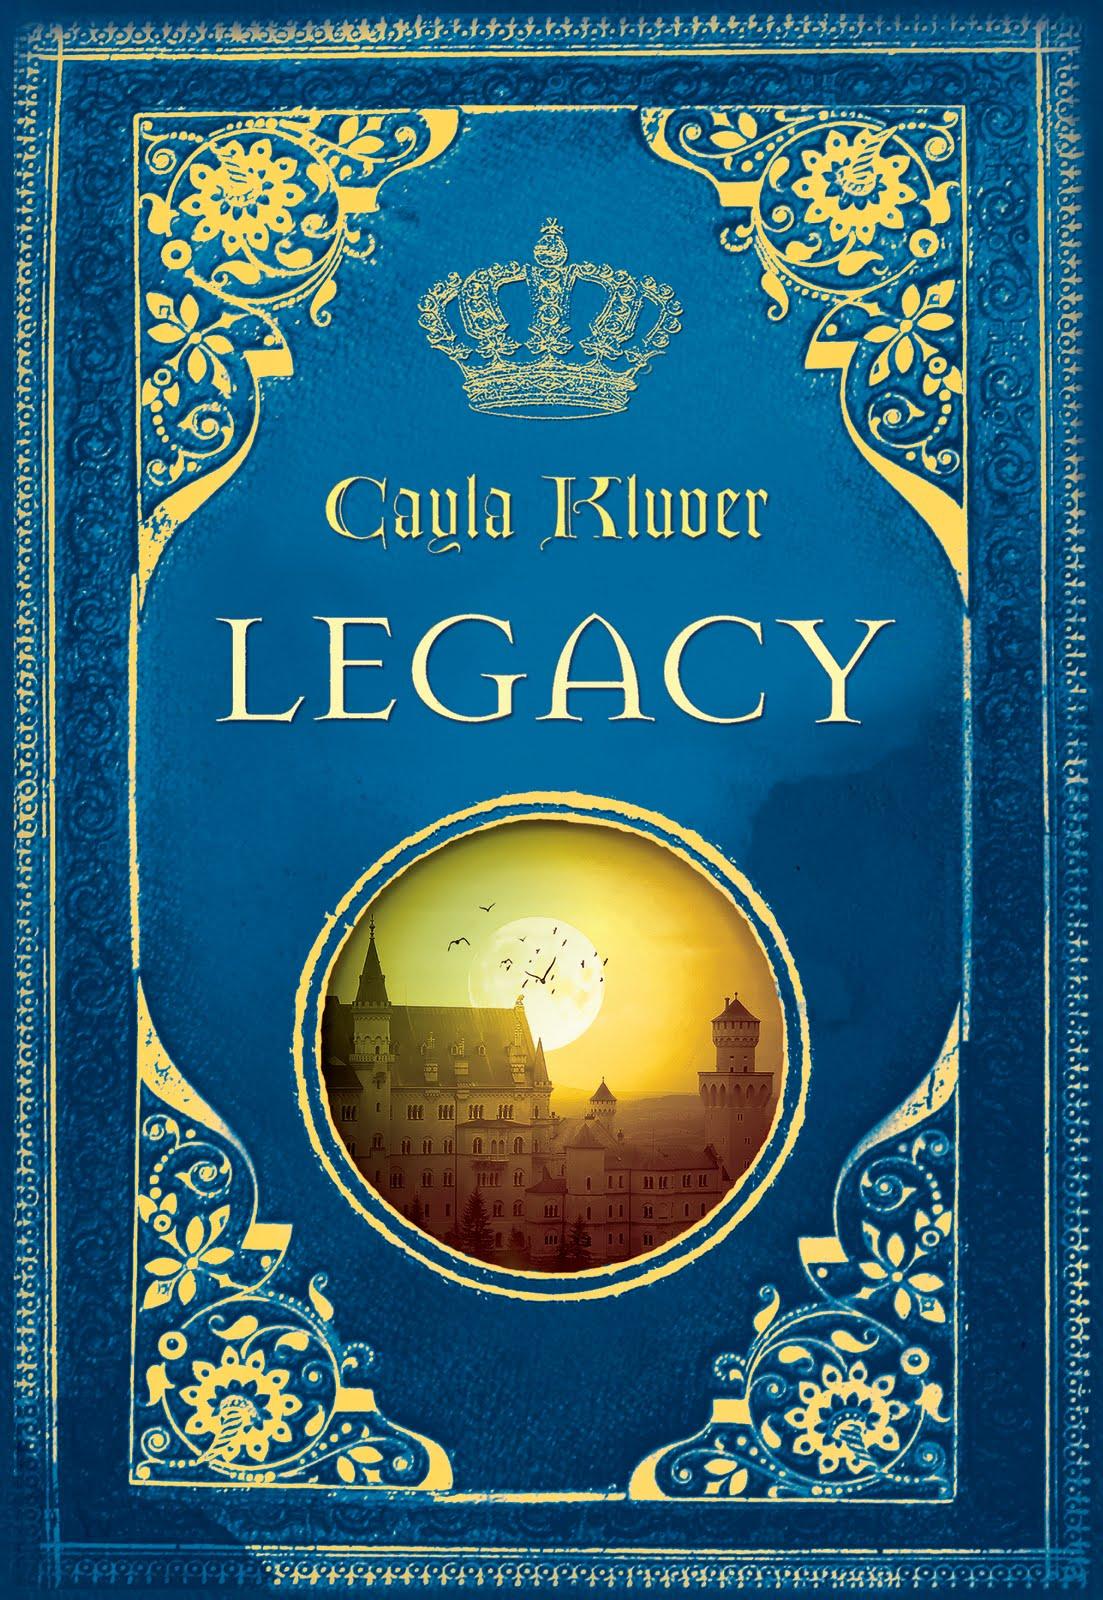 Book Cover Portadas Org : Our passion for books portadas de la saga legacy